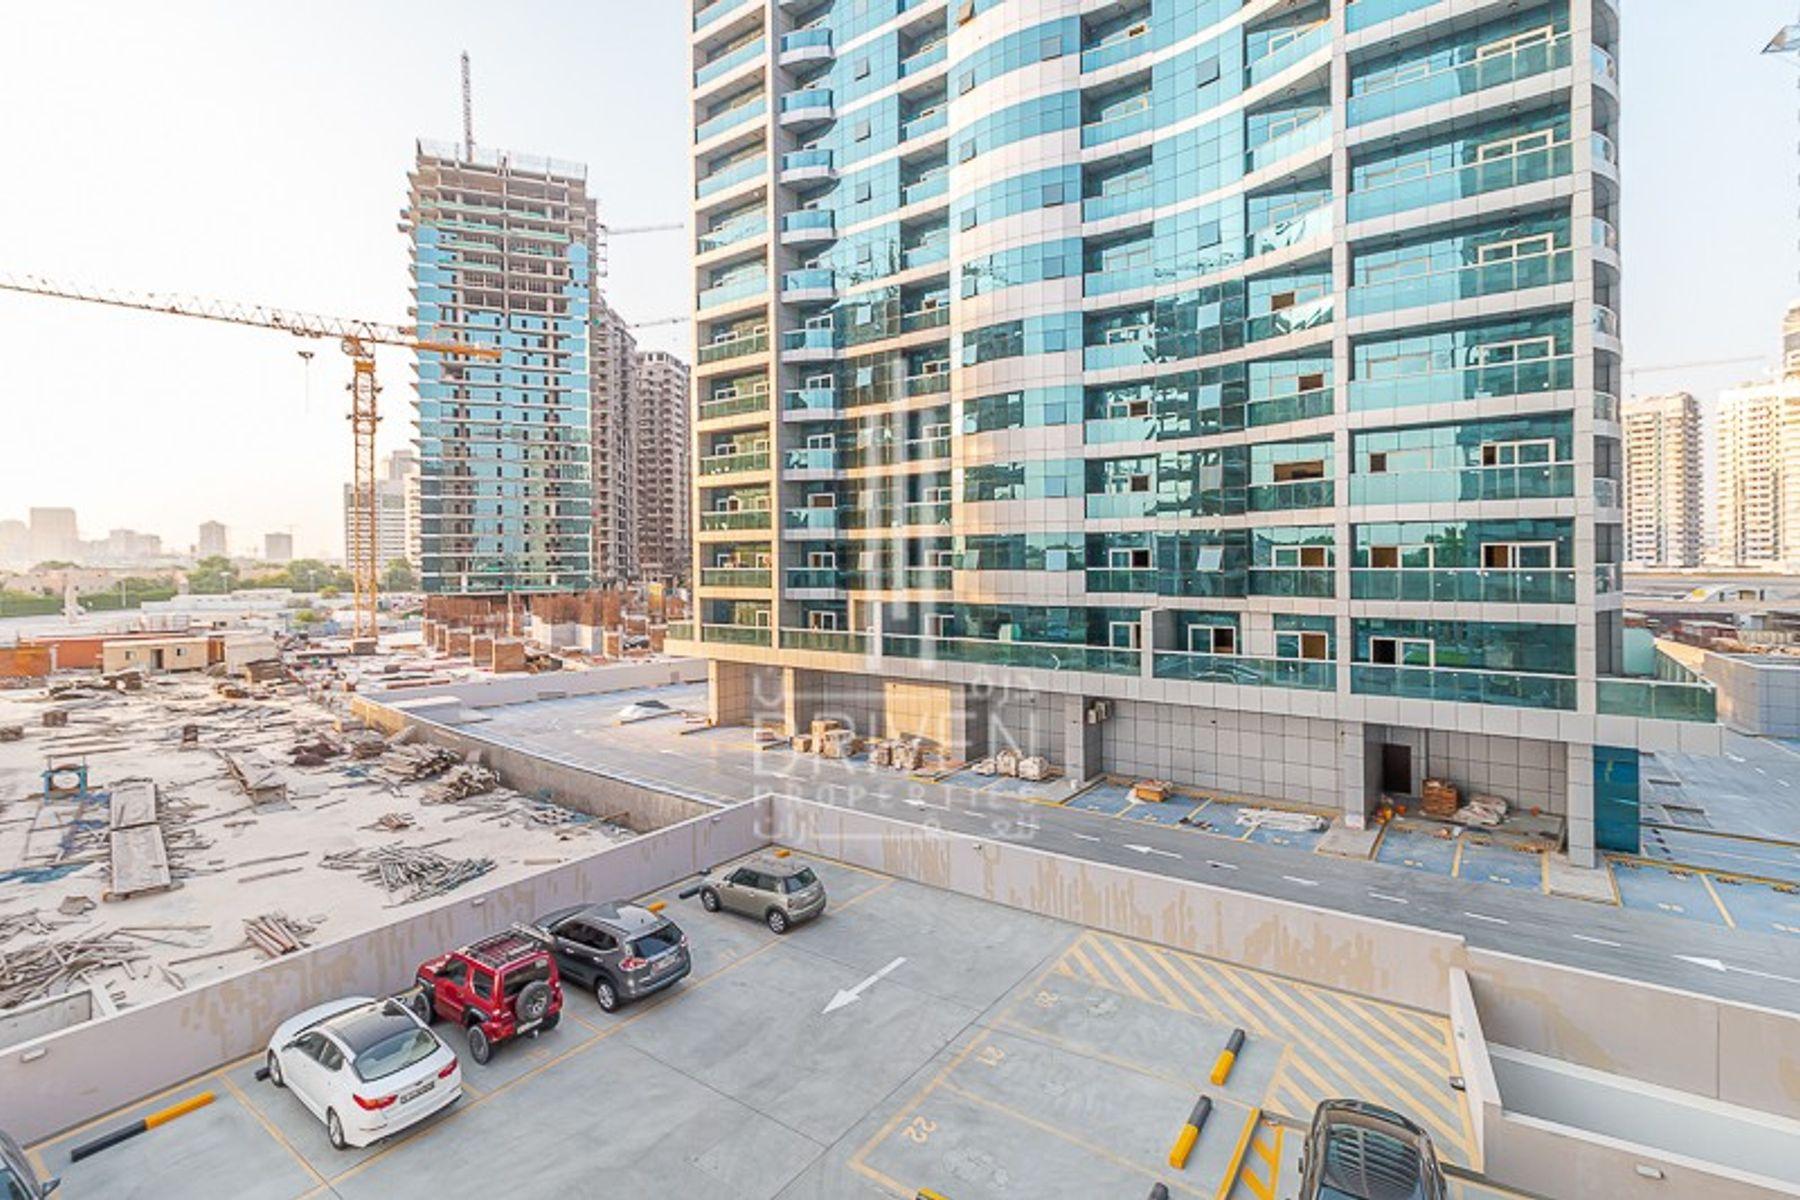 للبيع - ستوديو - برج ميداليست - مدينة دبي الرياضية